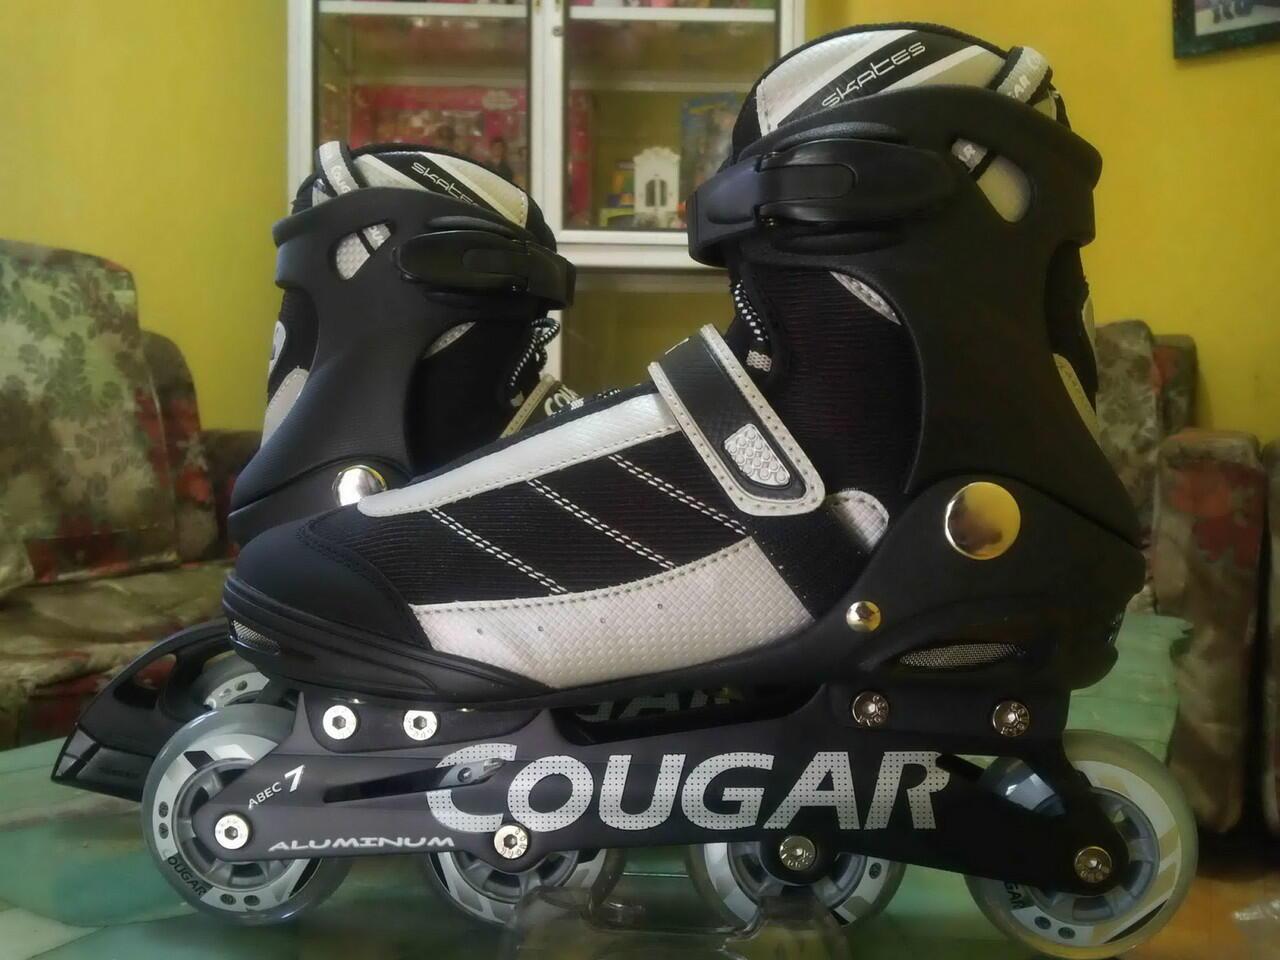 Terjual jual inline skate cougar   sepatu roda cougar tipe fitness ... cc4c20d9b3